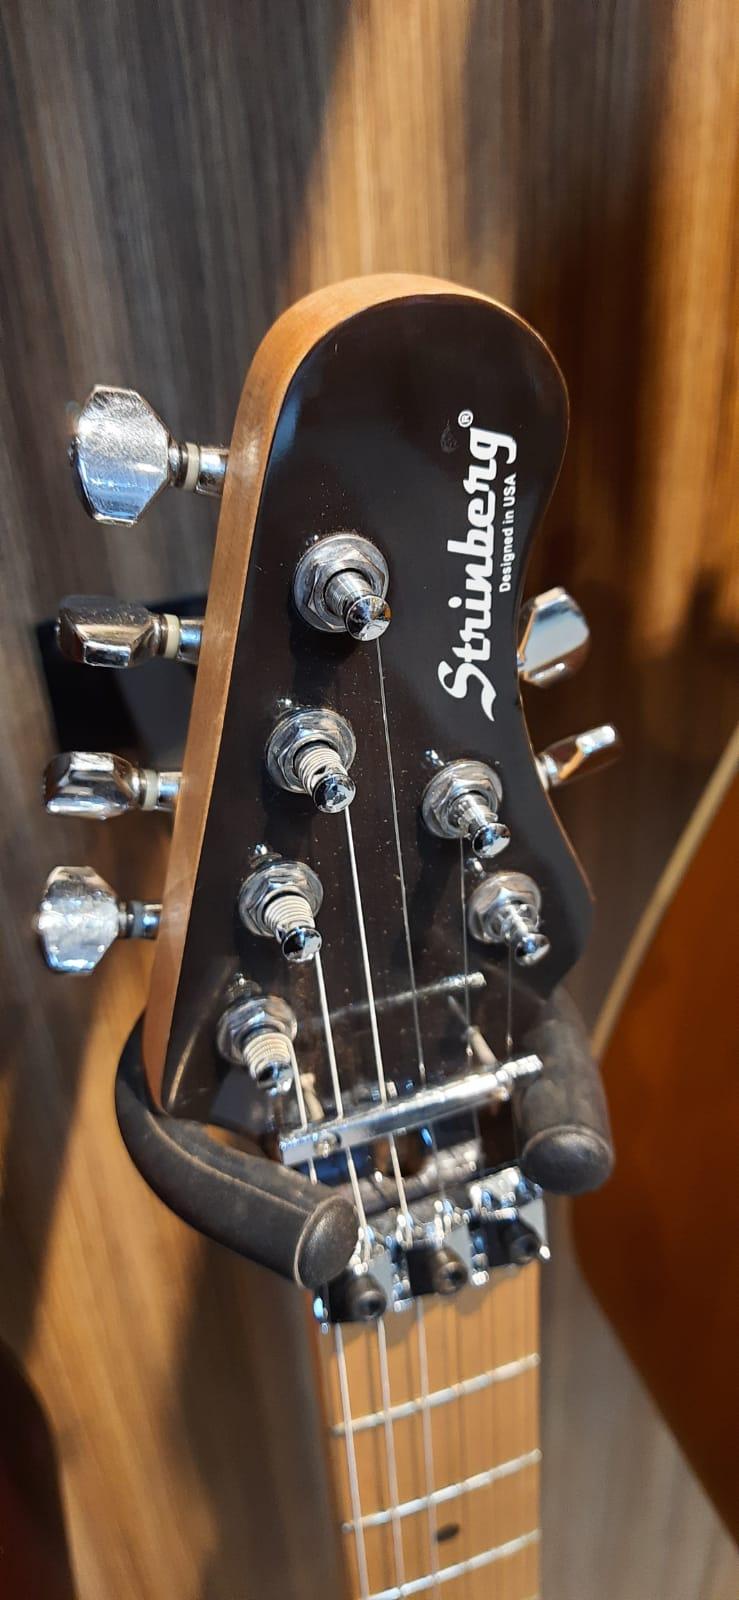 Guitarra Strinberg Clg63 c/ Upgrade (Semi-Nova)